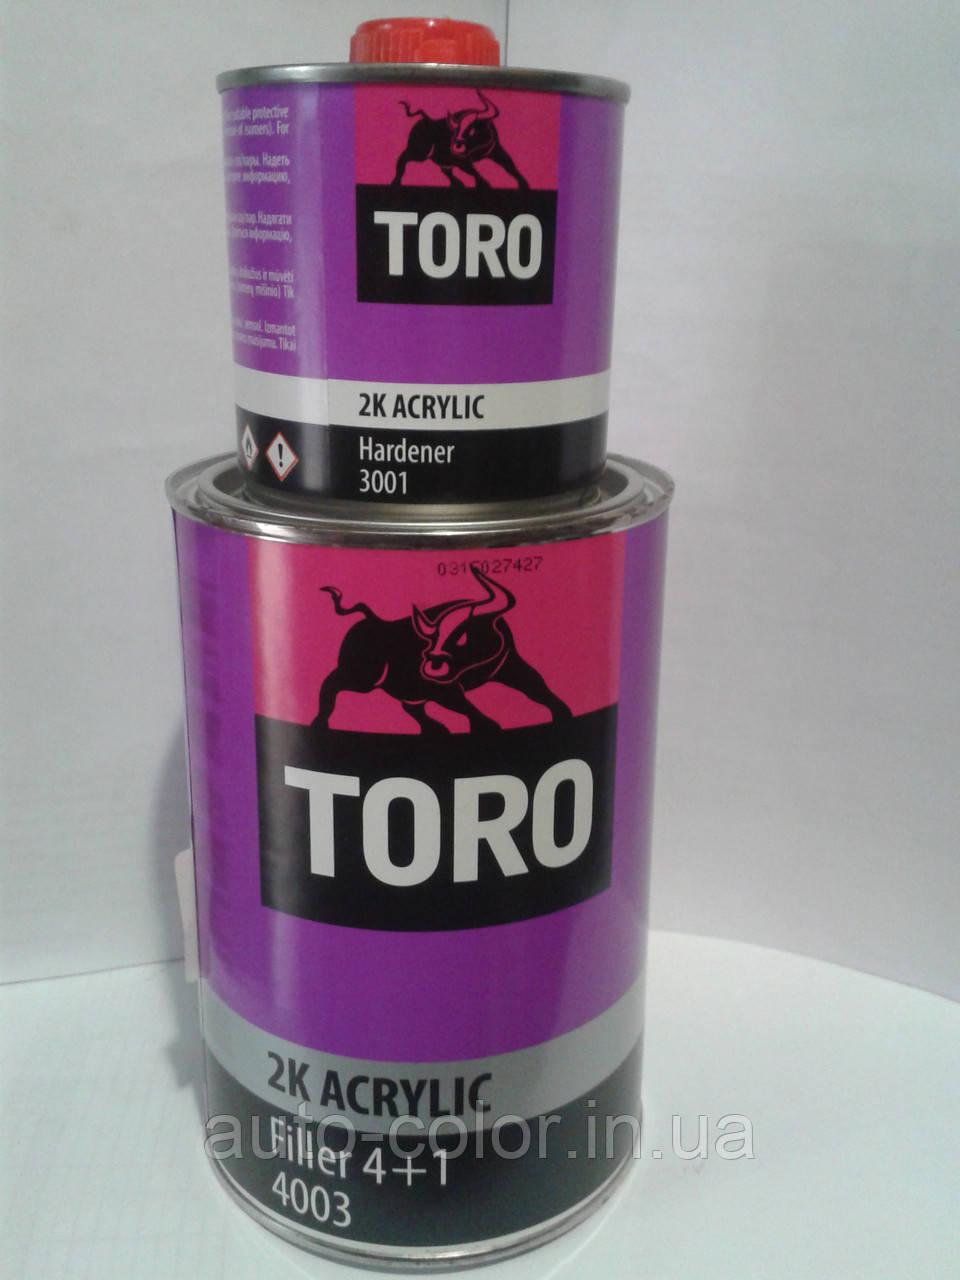 Грунт TORO 4003 2К 4:1, 0,75 л.+0,188 л. комплект